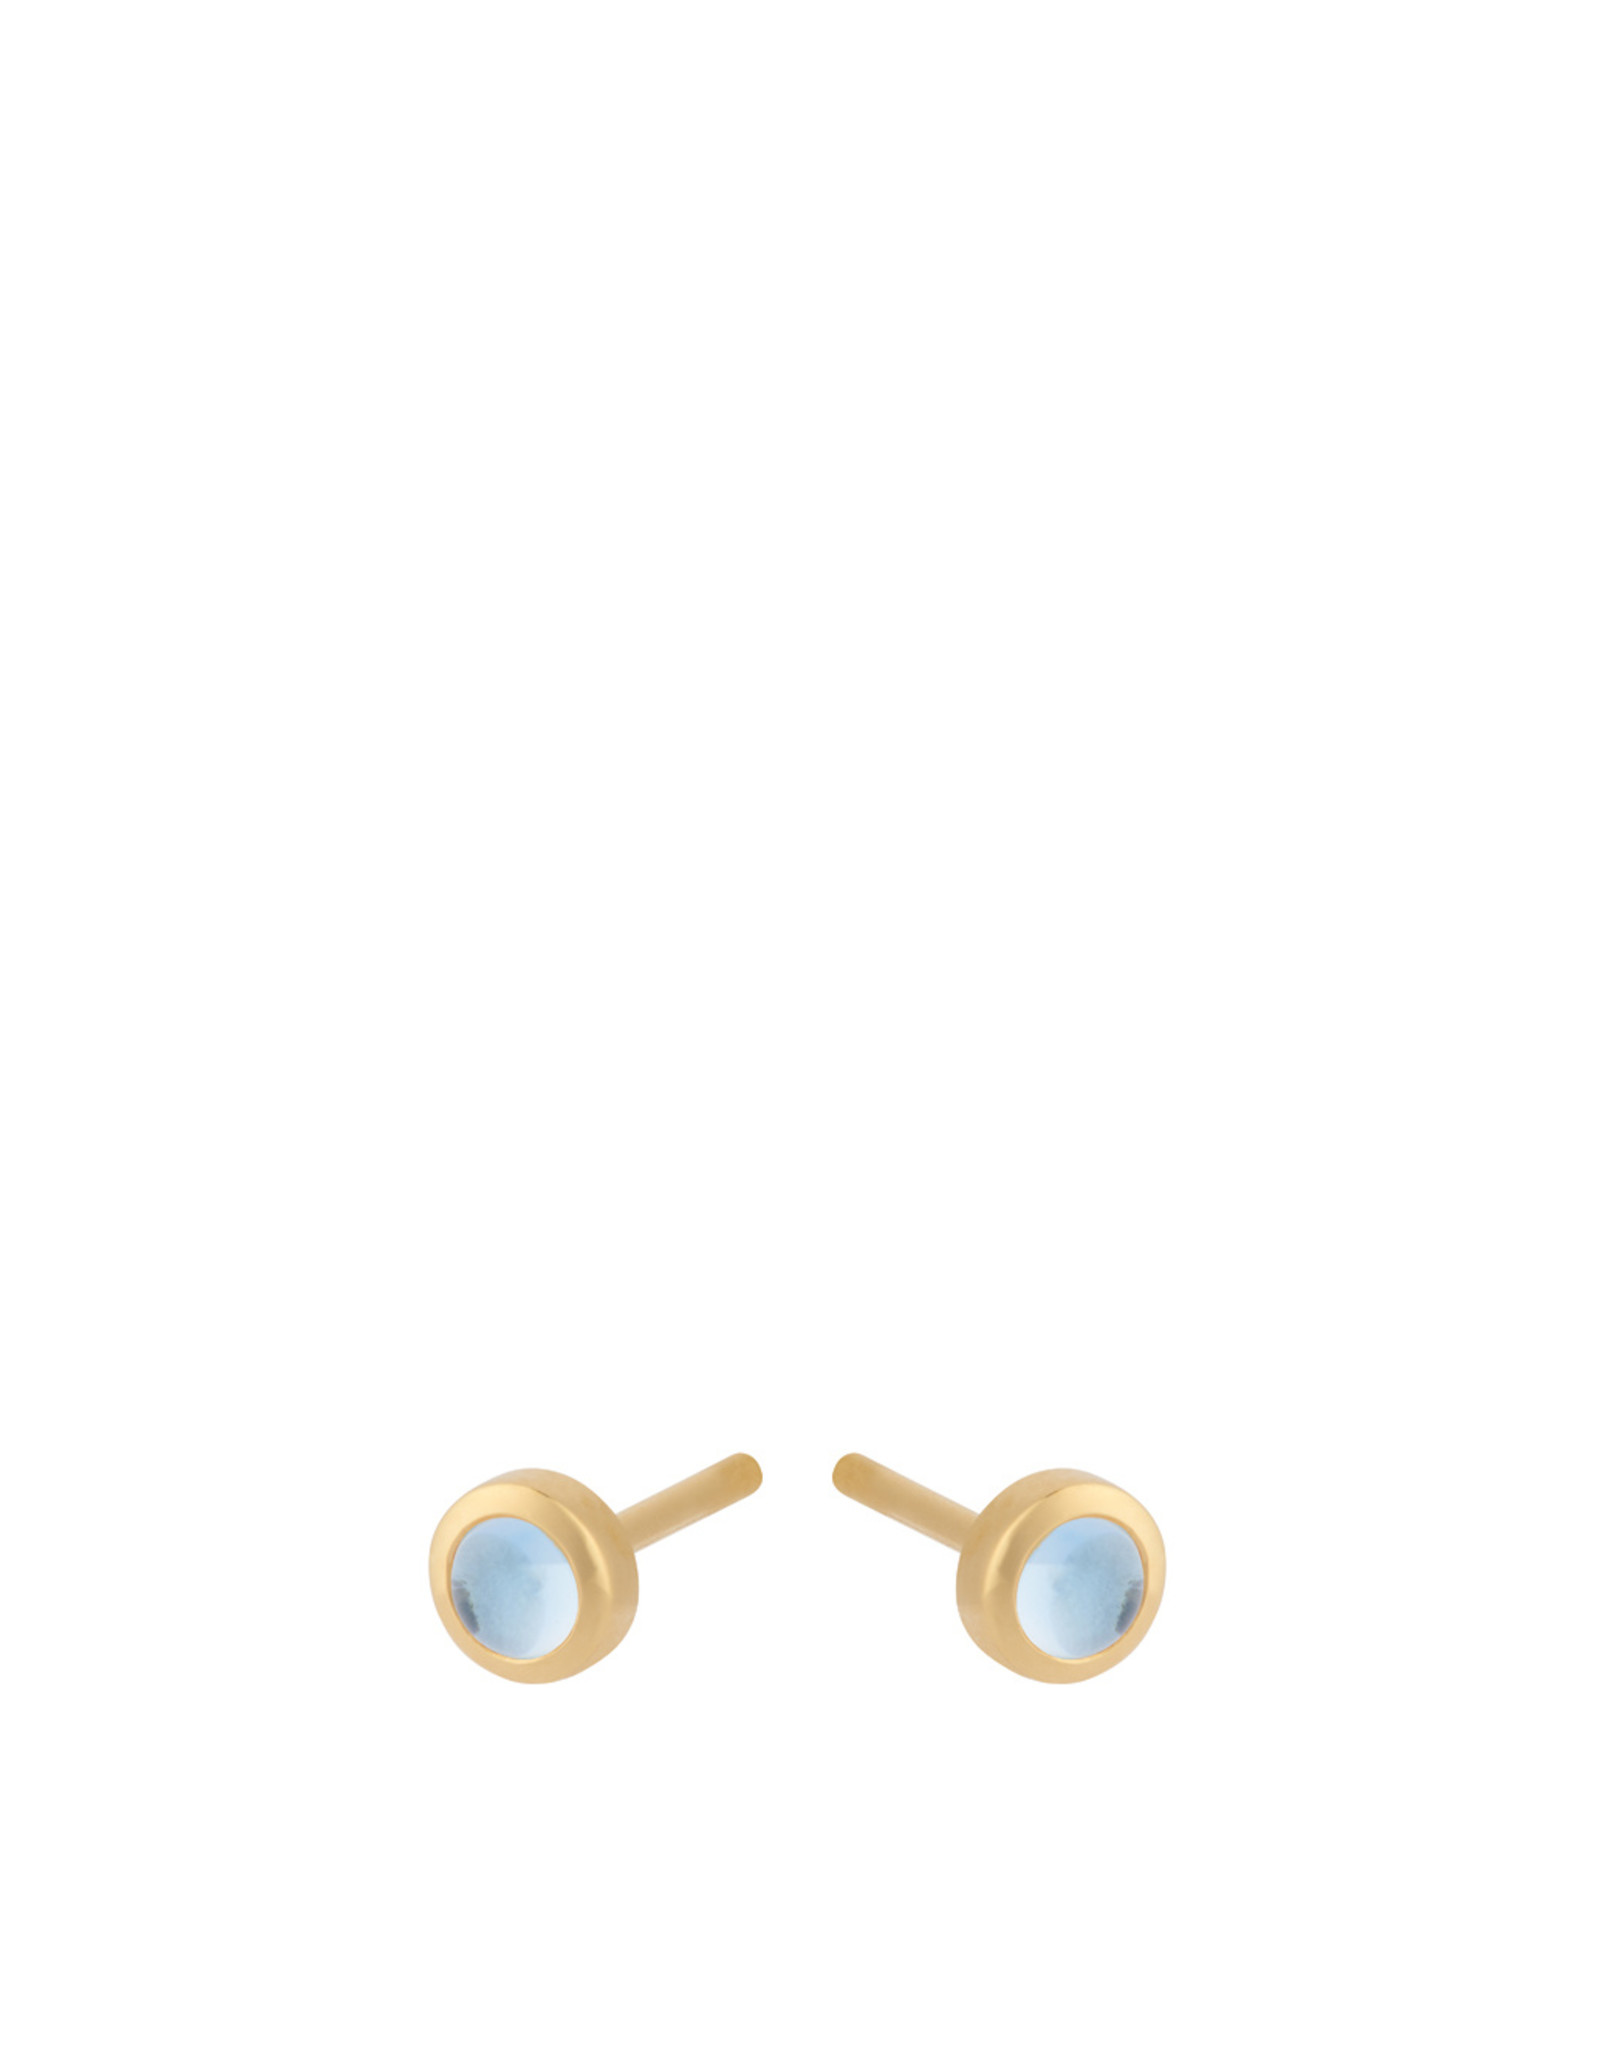 Pernille Corydon Shine Blue Earsticks, topaz